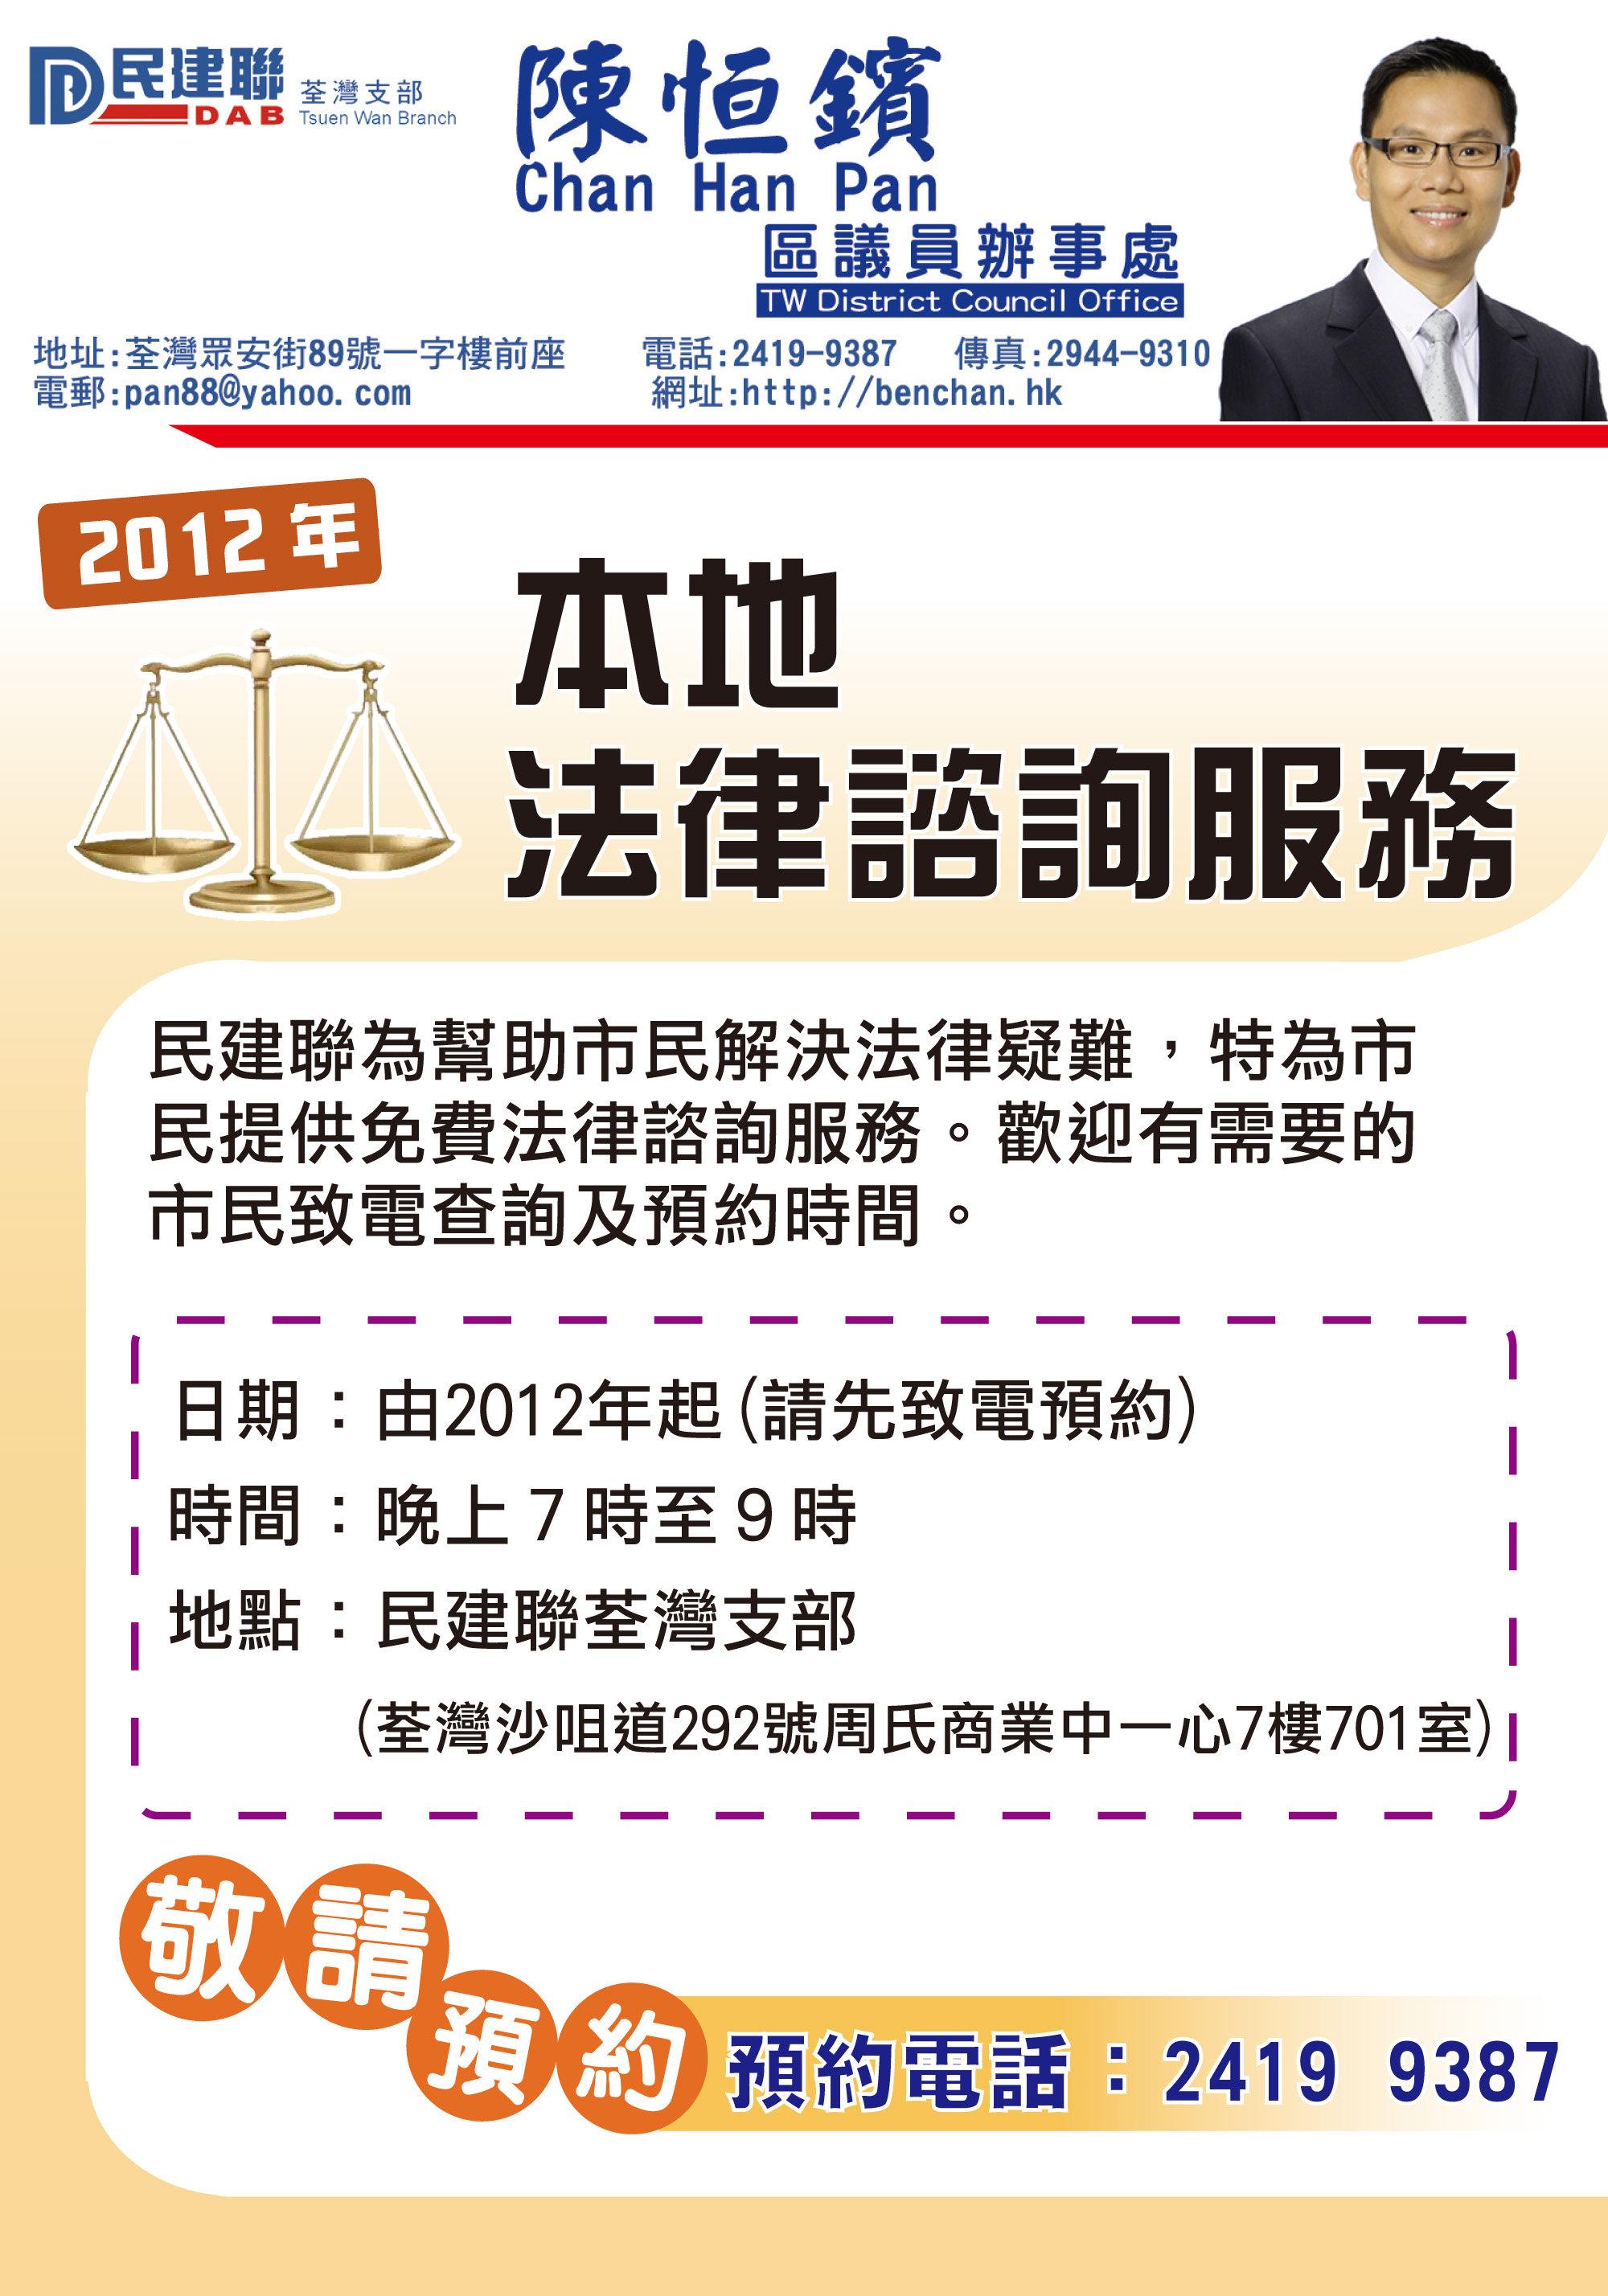 民建聯荃灣支部提供本地法律諮詢服務 | 陳恒鑌議員辦事處